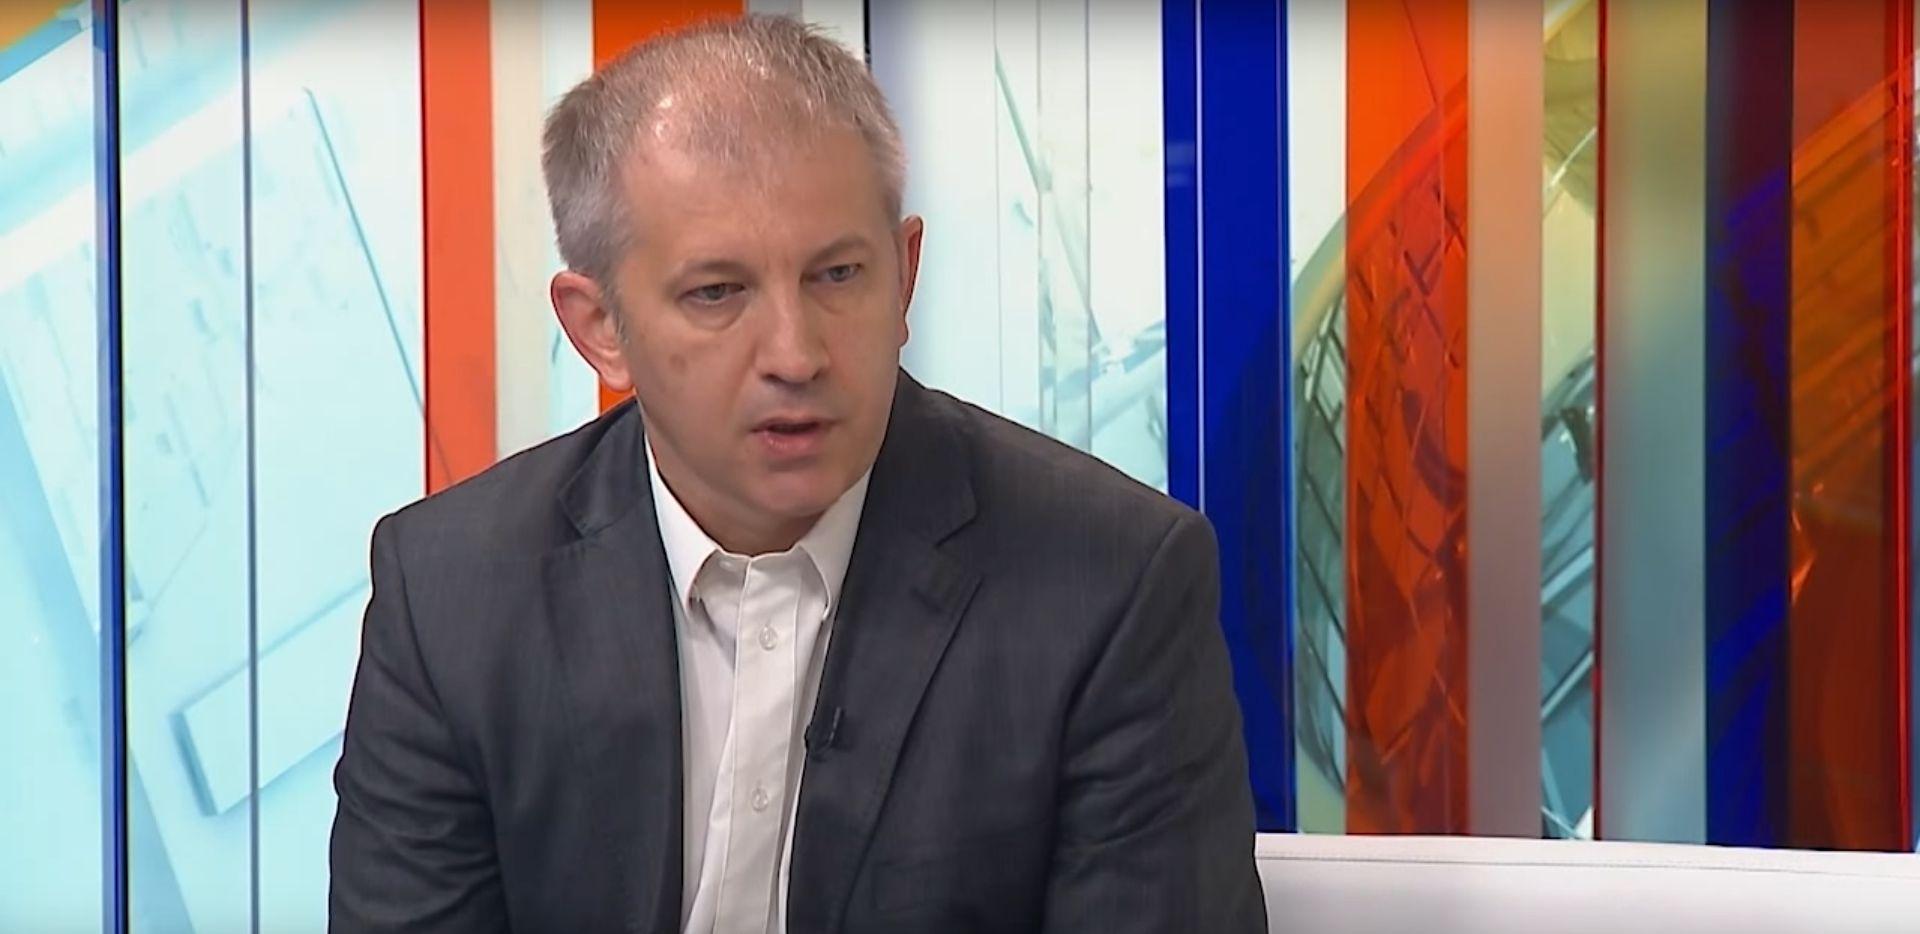 GLAVNI UREDNIK NACIONALA 'Pomoć Todoriću nudili su zajedno Petrov i ruske banke'